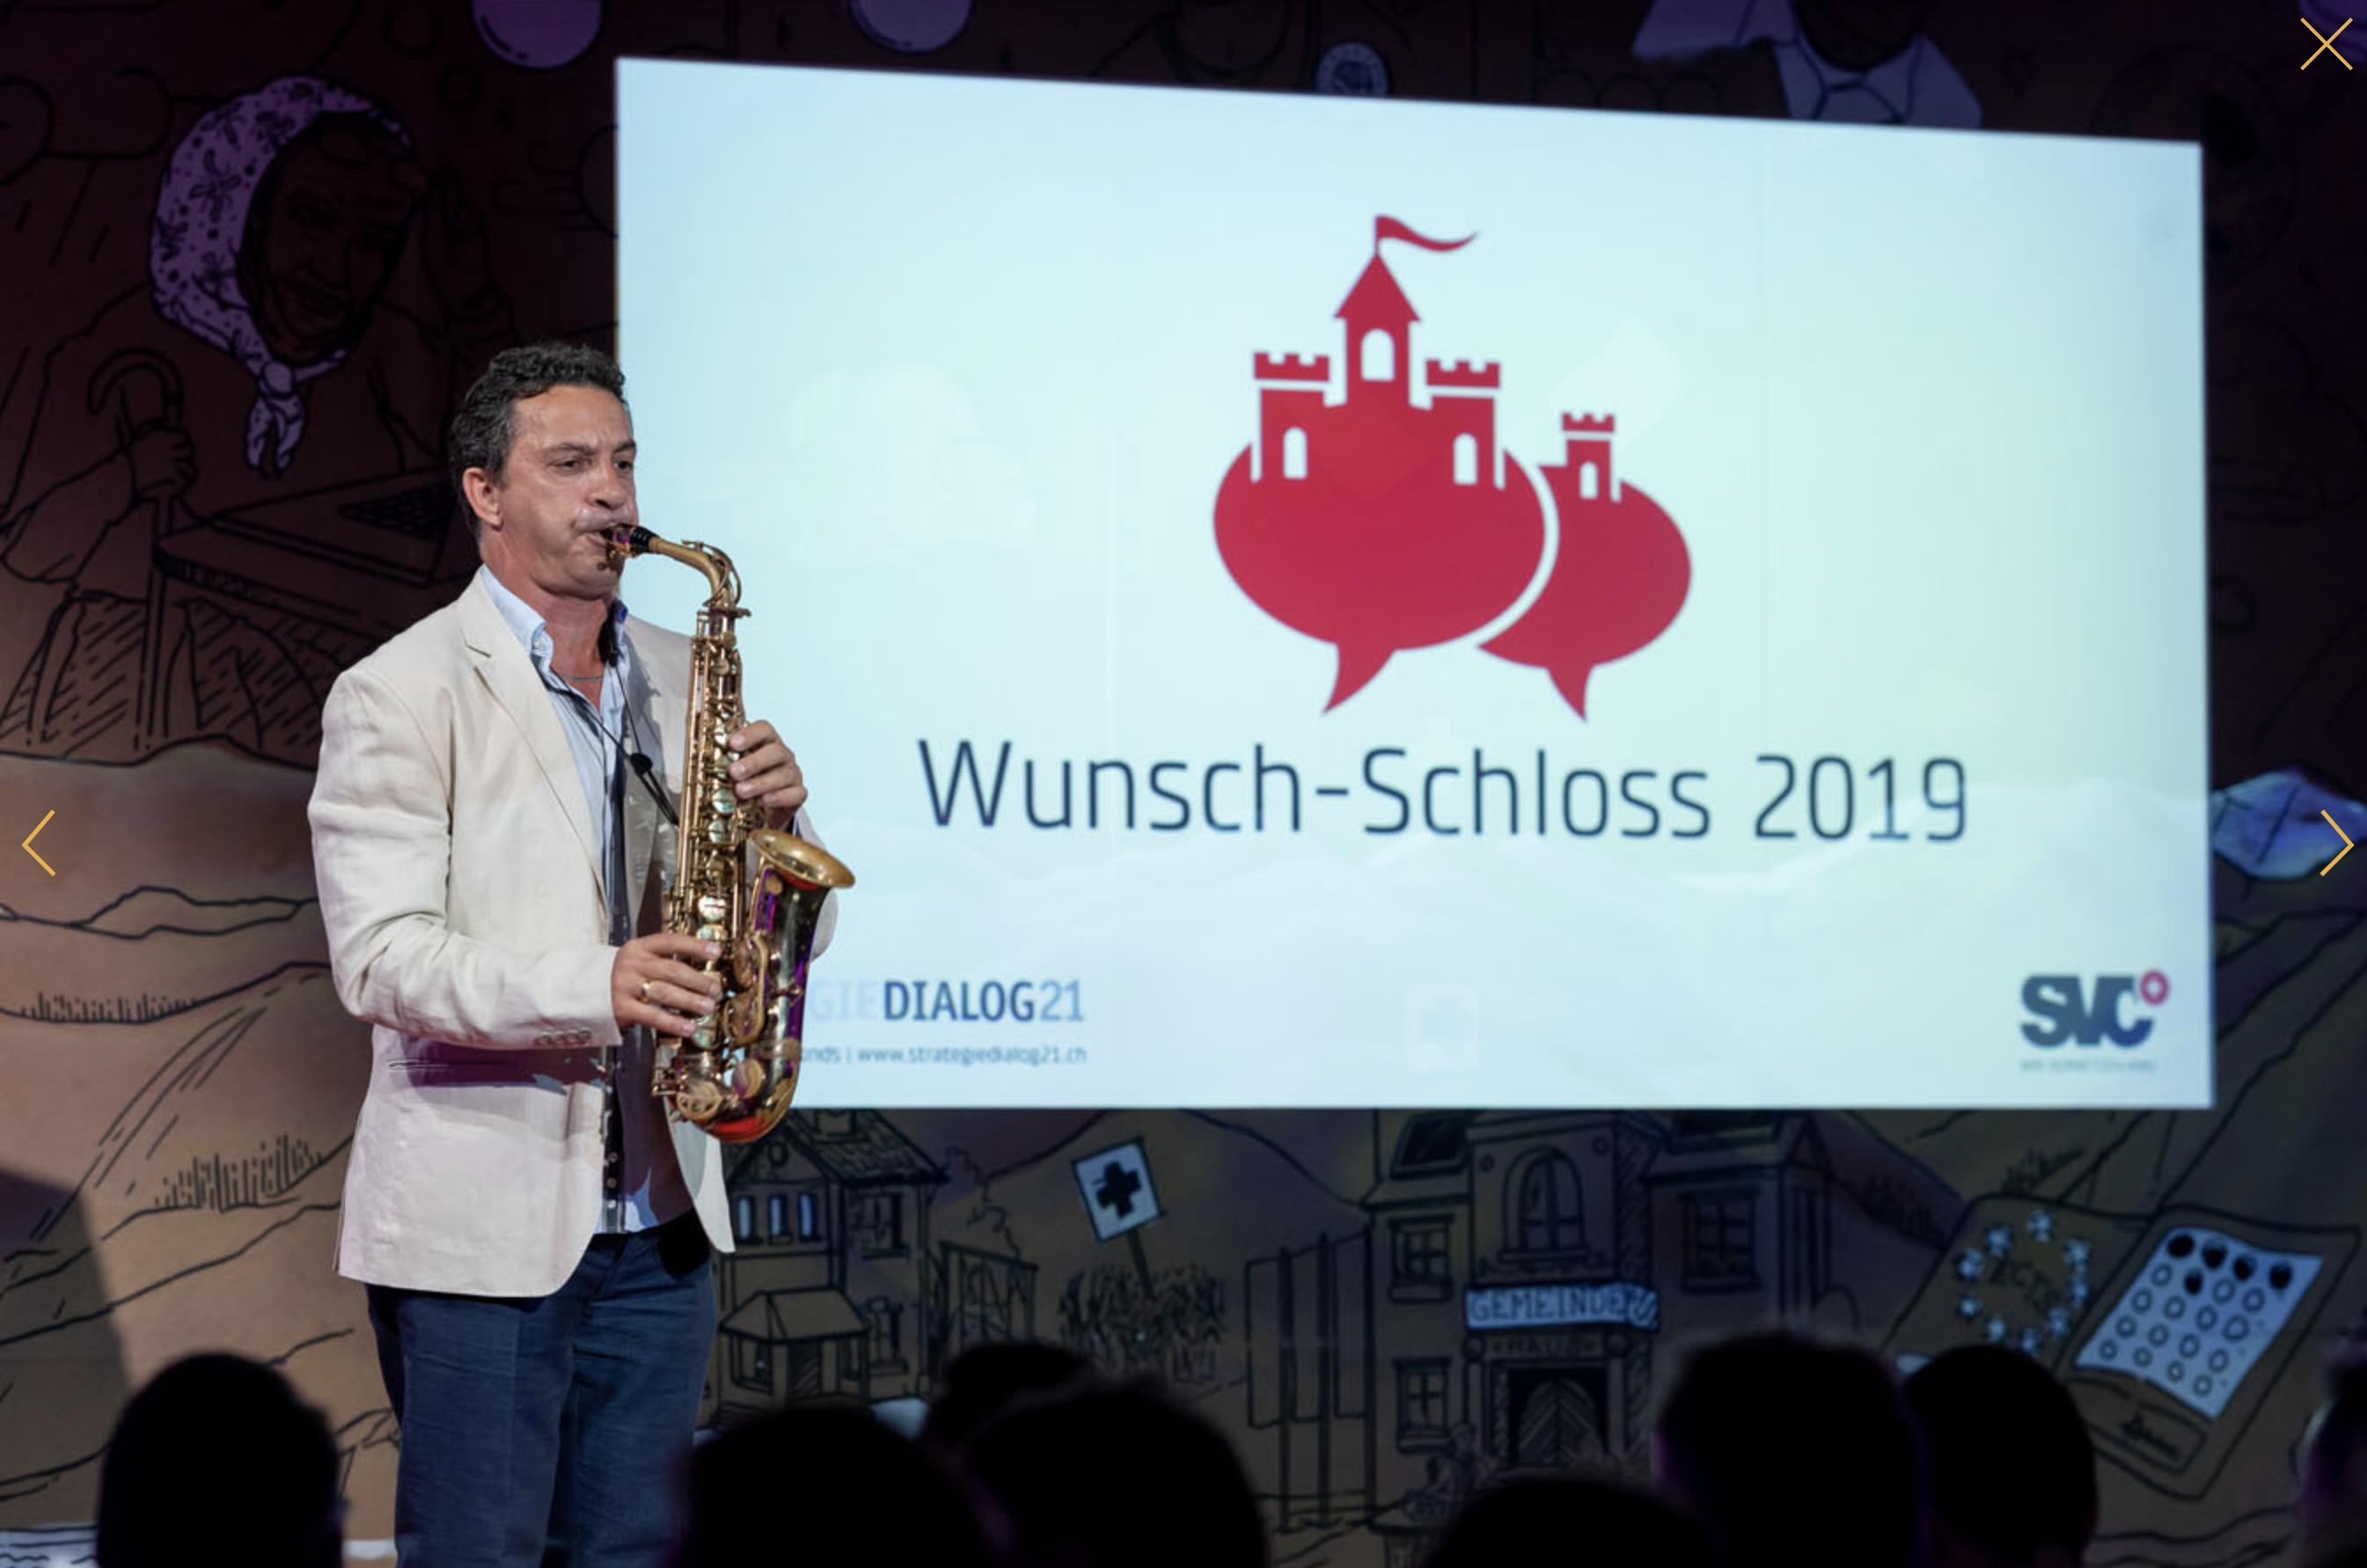 Wunsch-Schloss Thun 2019